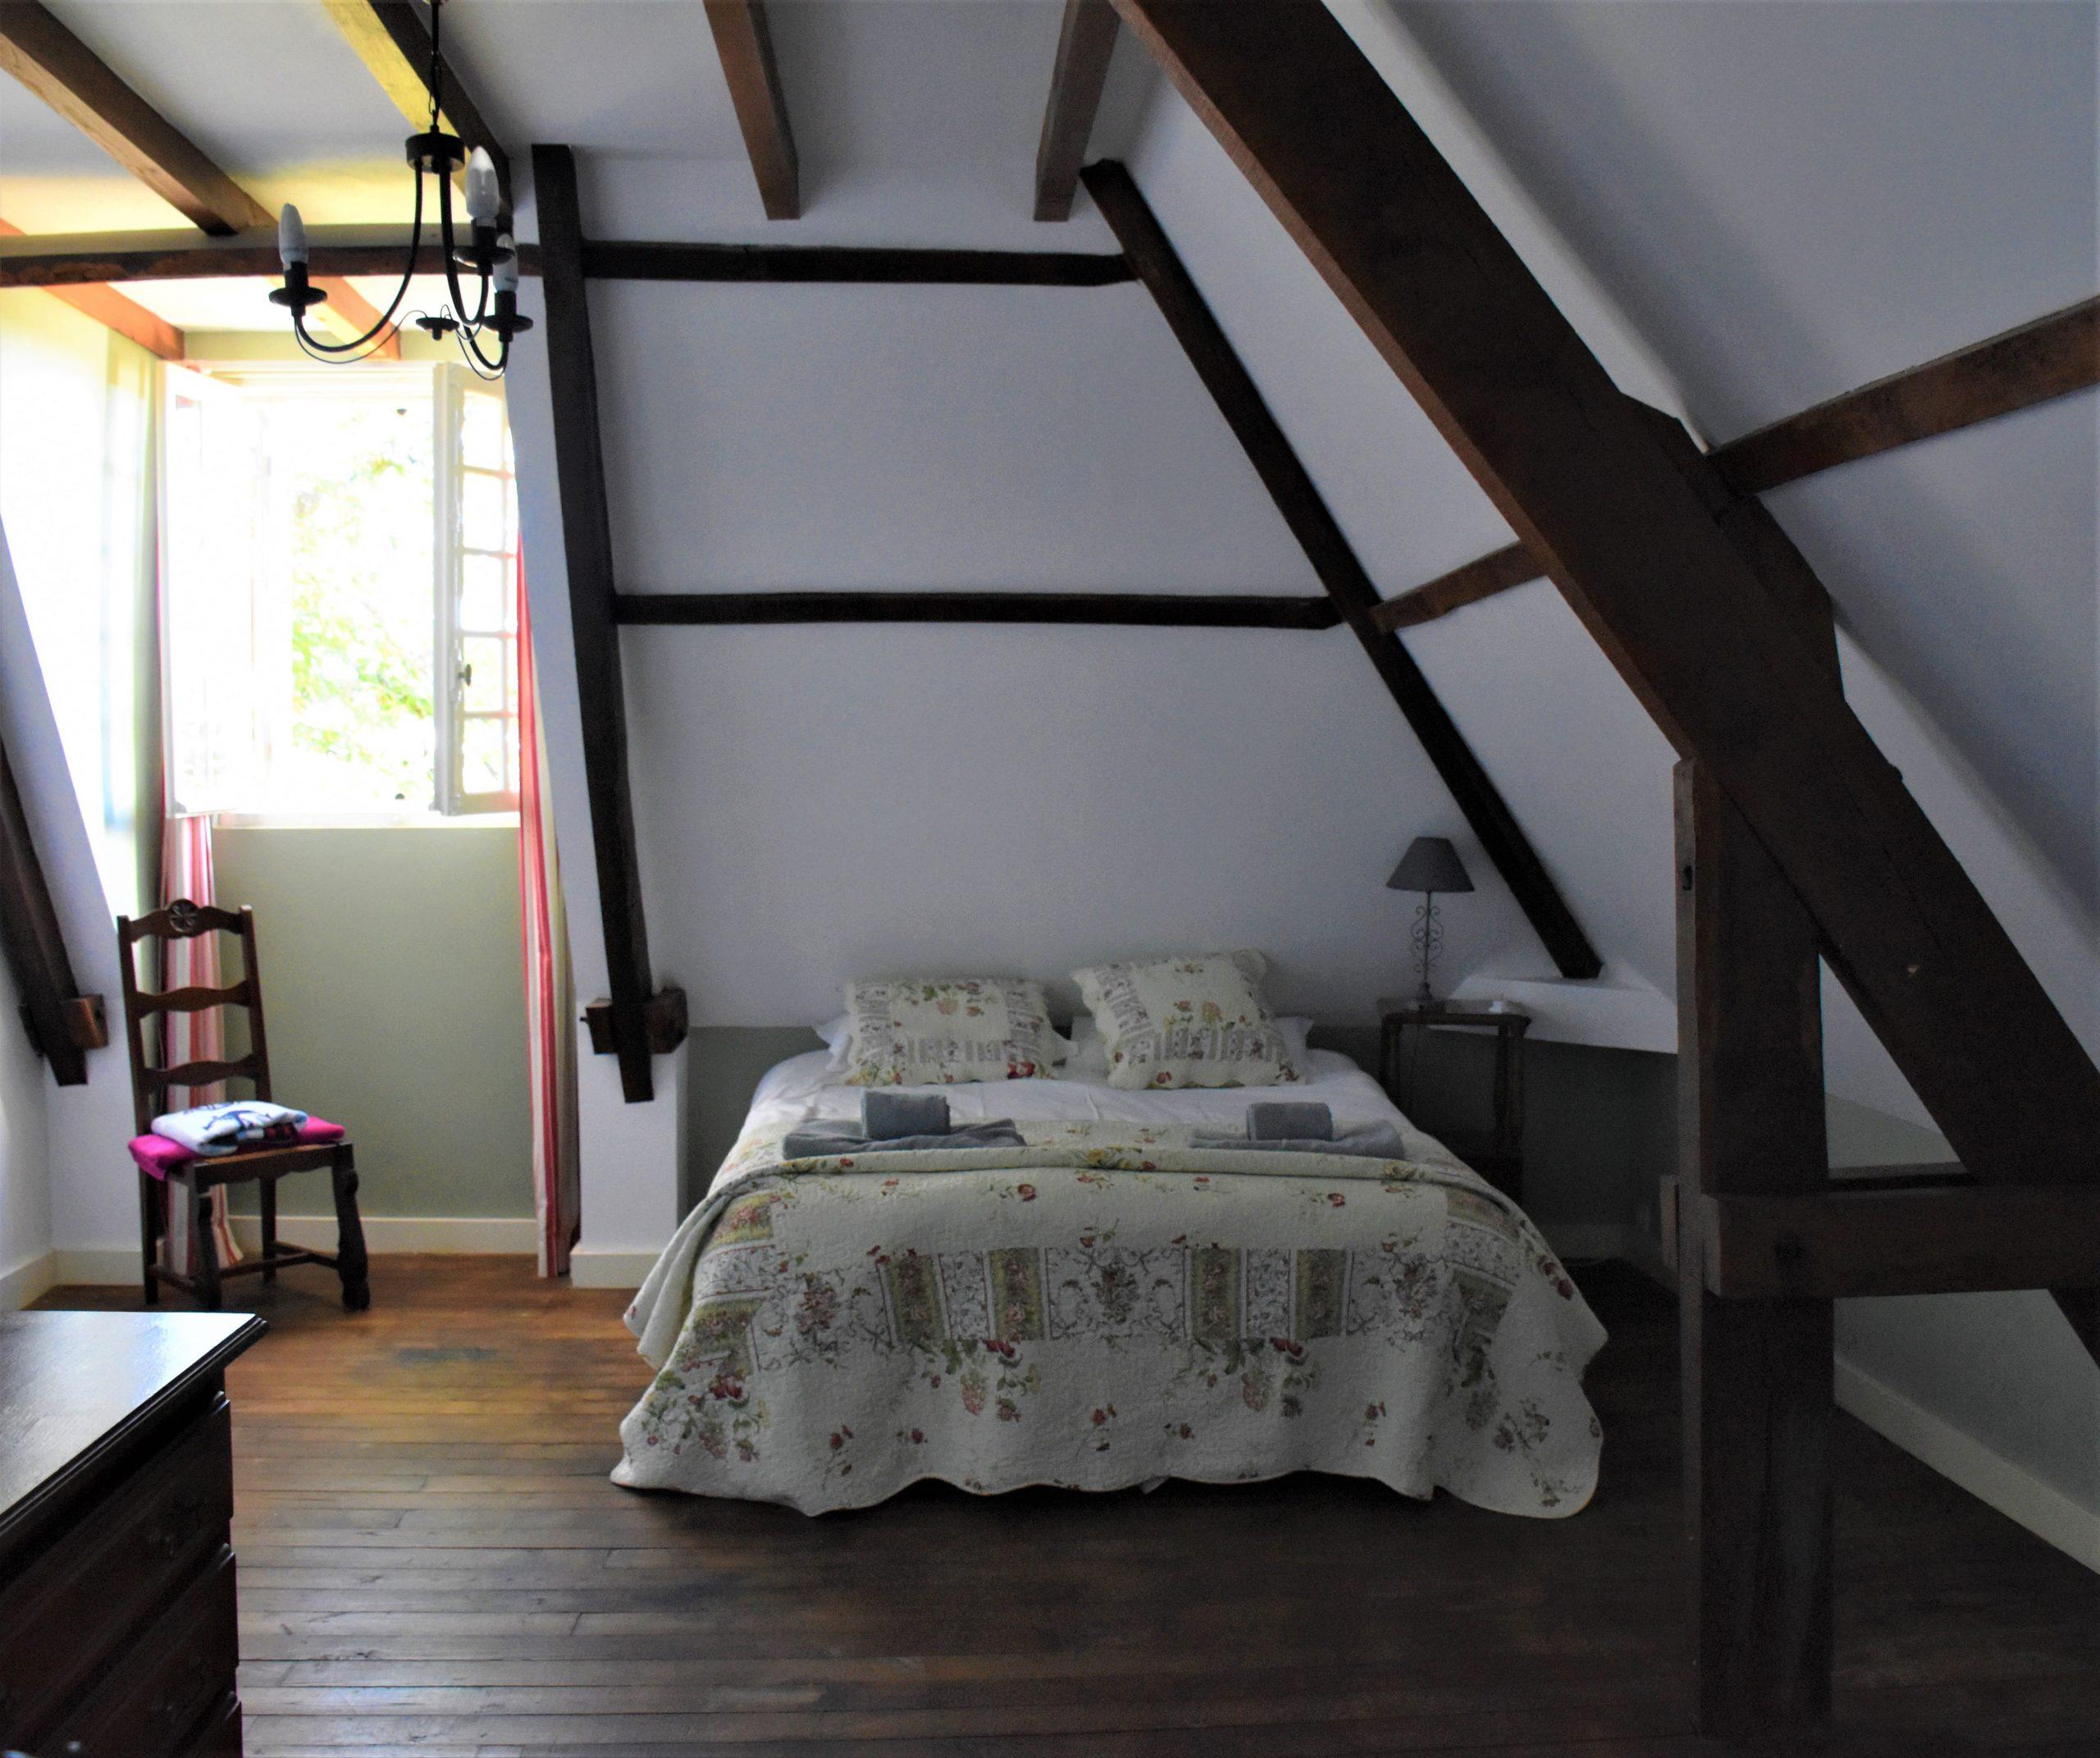 Spacious upstairs bedroom